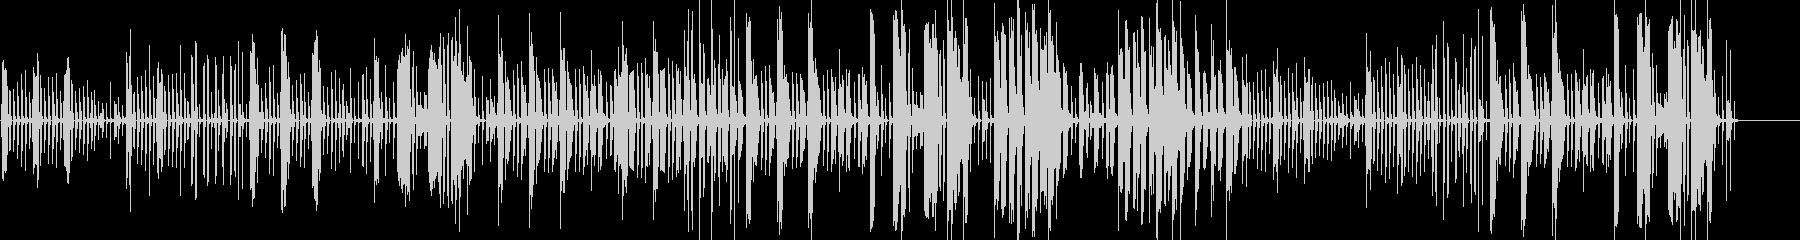 ■シンセ・Eピアノ・まぬけであほっぽい曲の未再生の波形